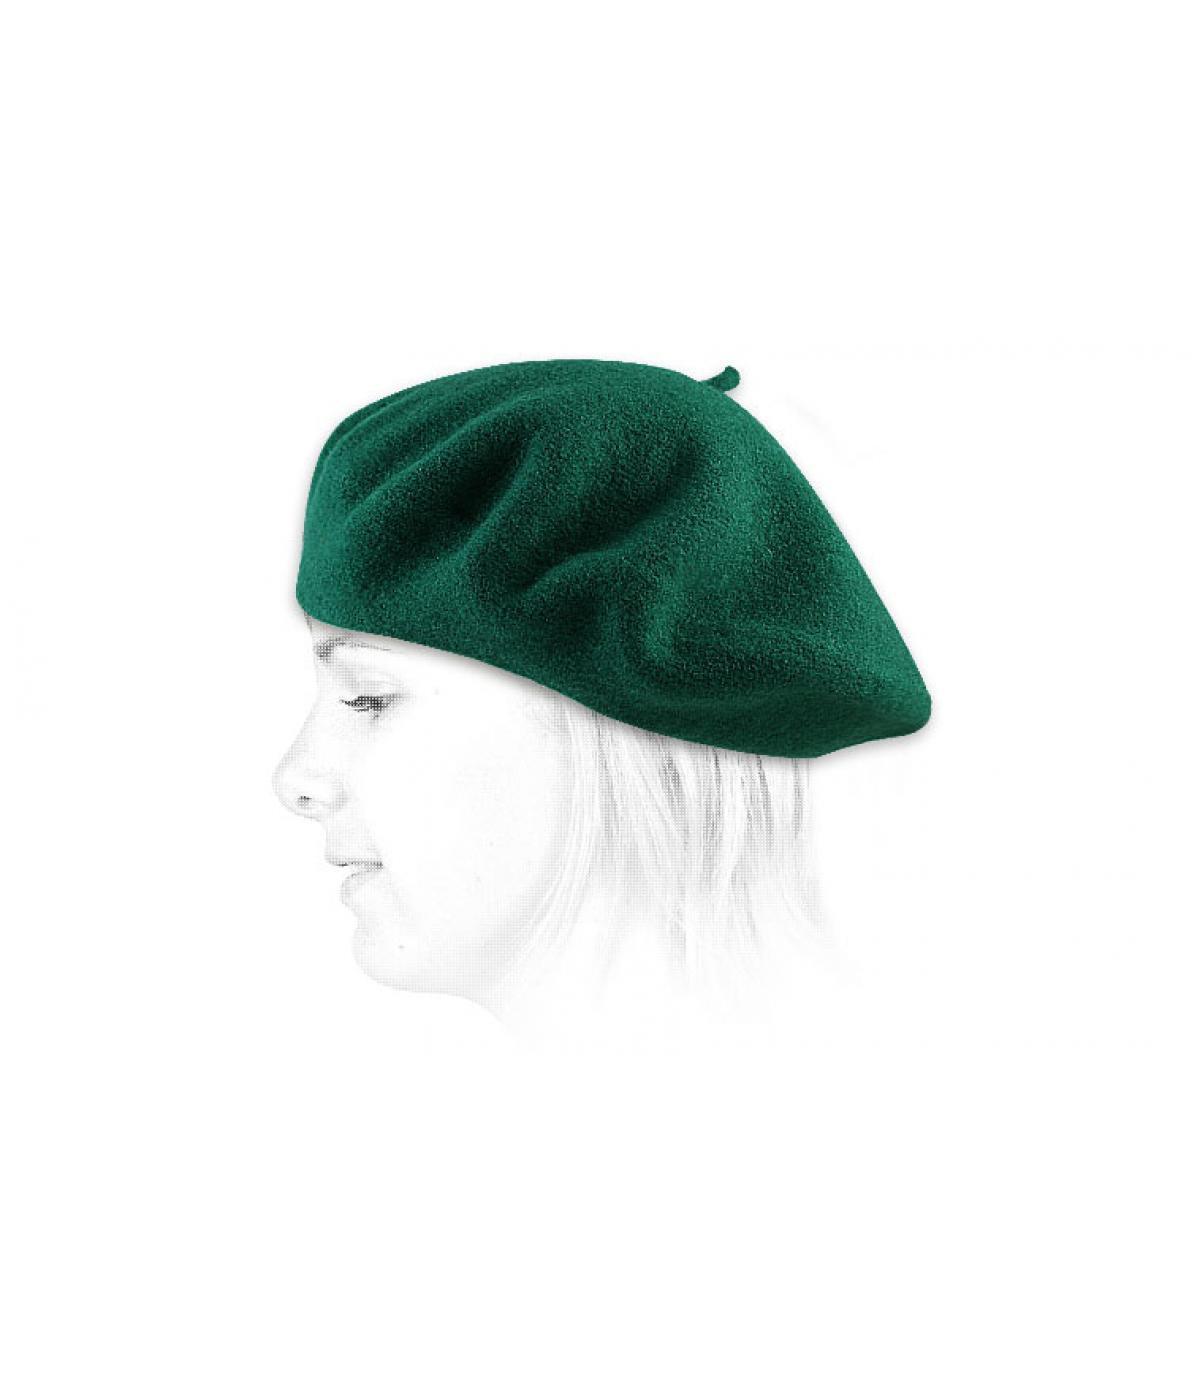 Détails Beret classique vert emeraude wm - image 2